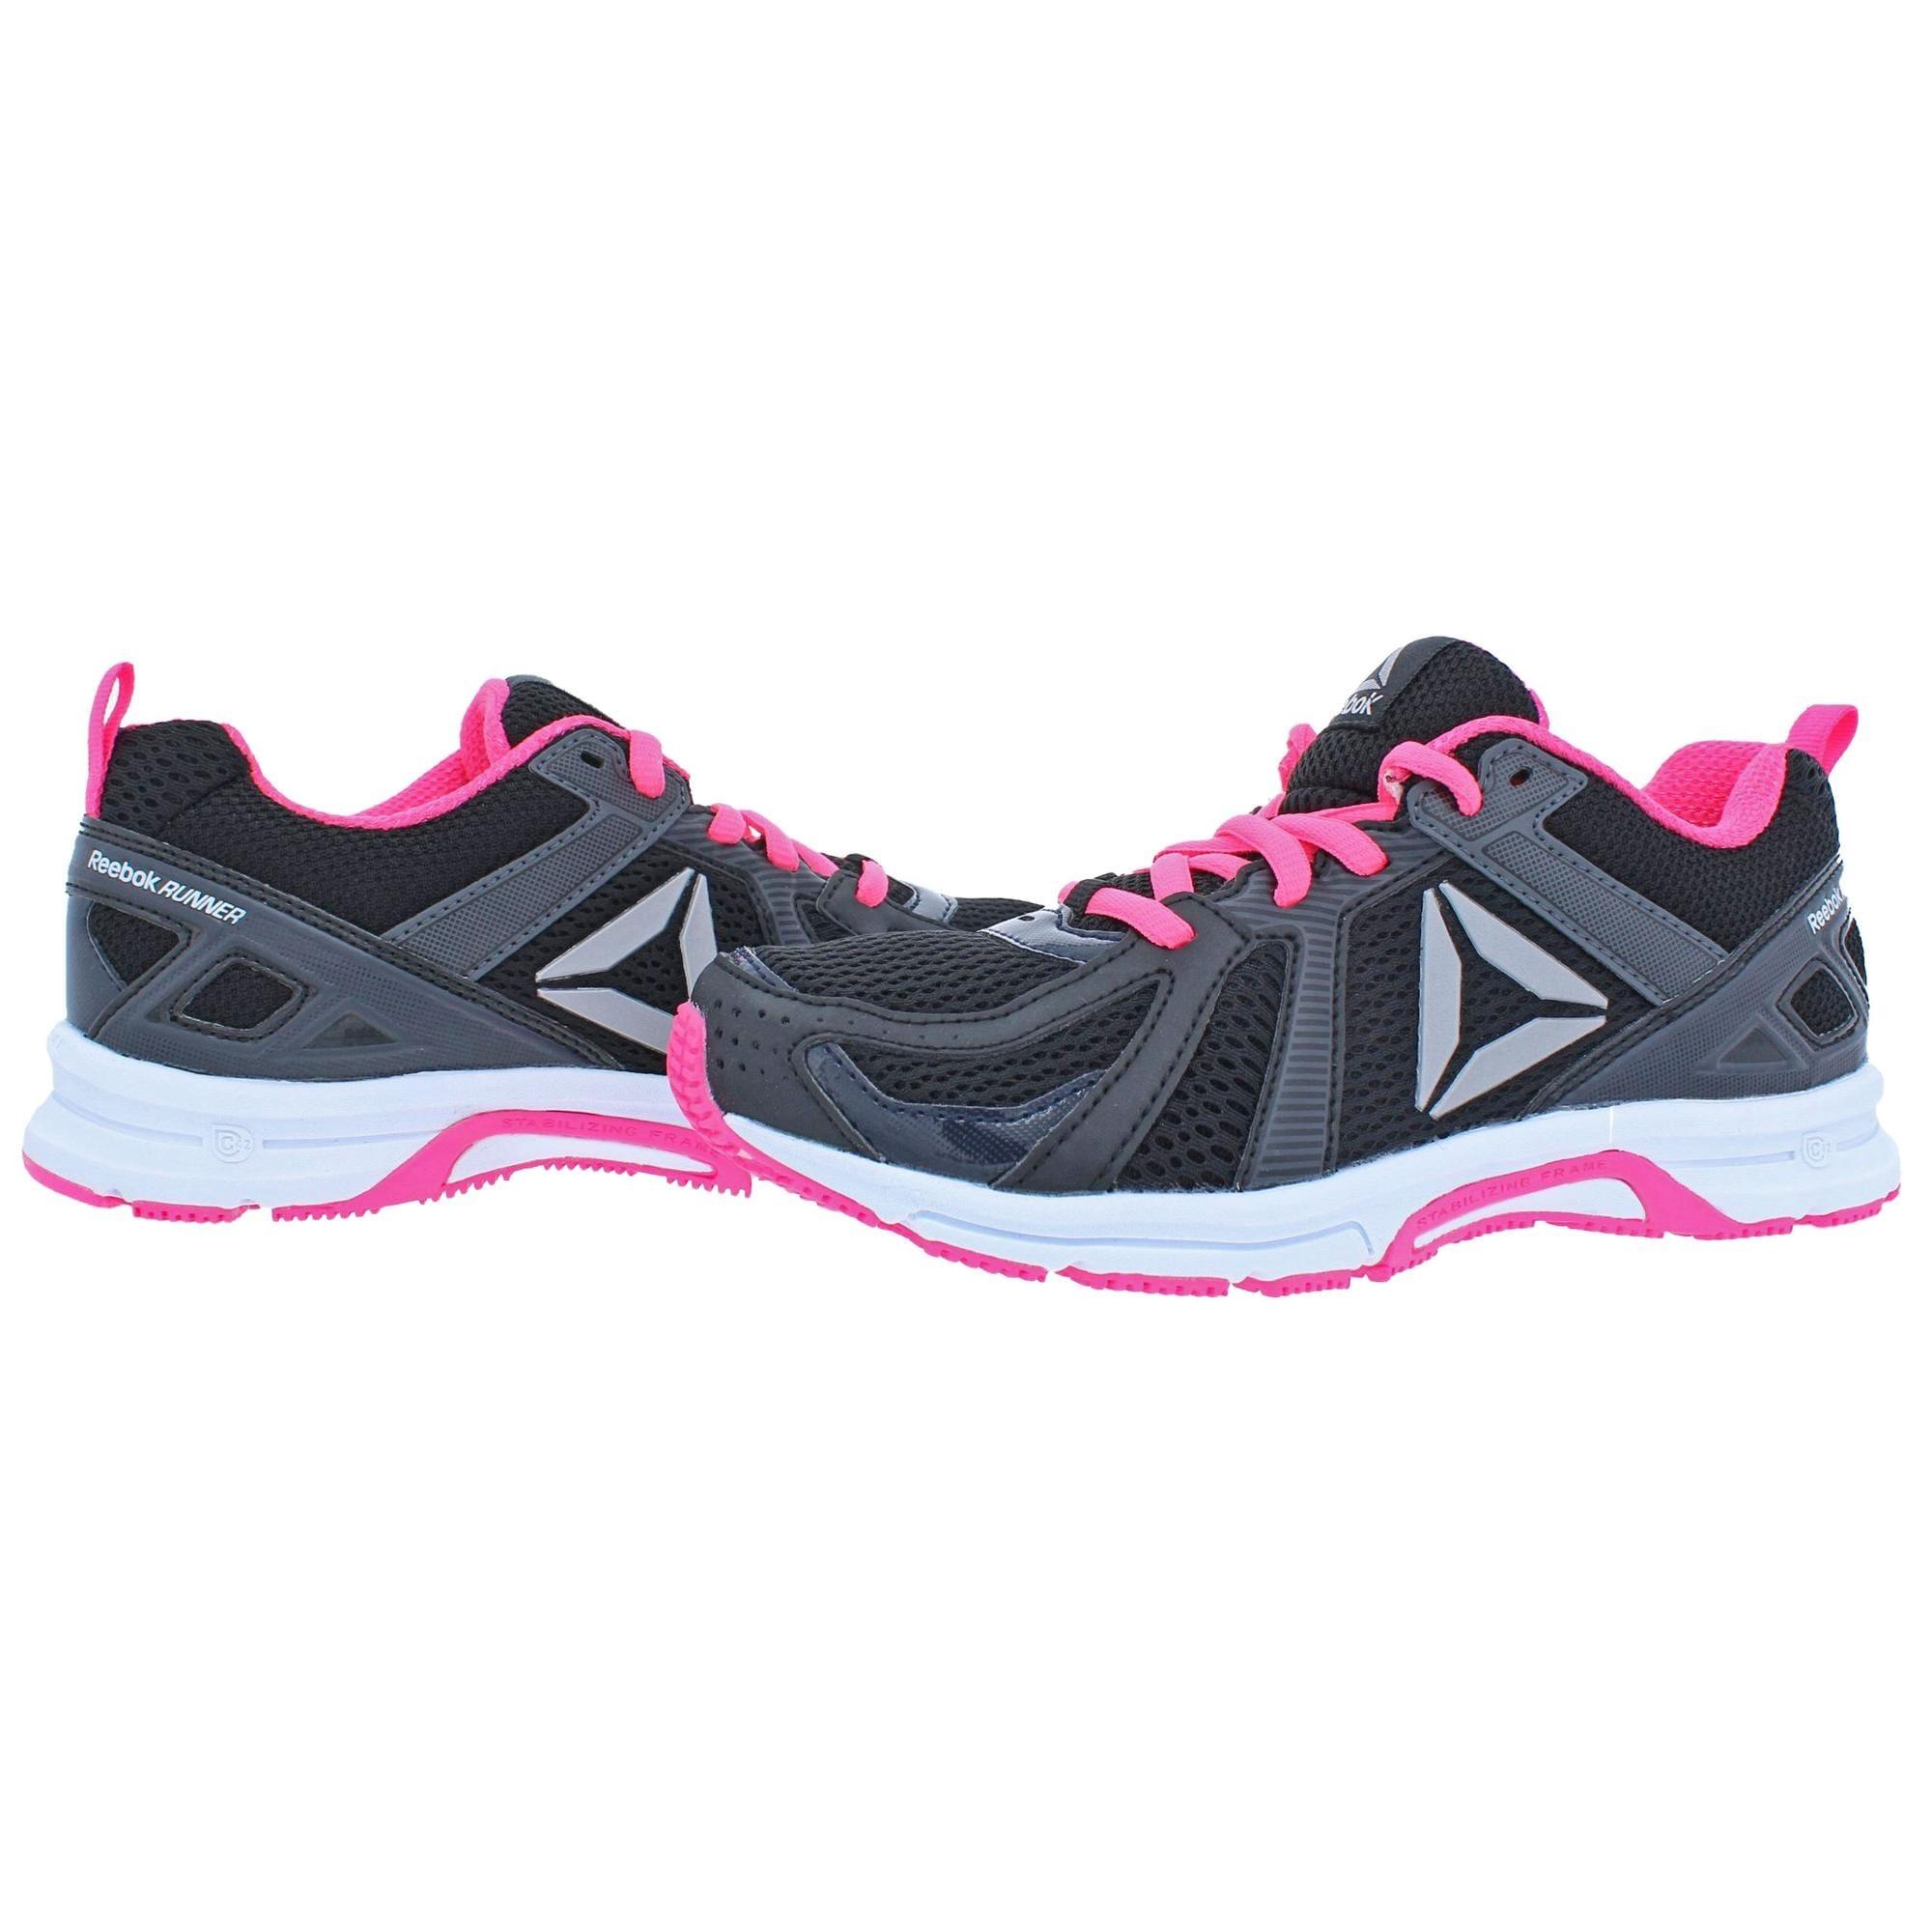 Shop Reebok Womens Runner MT Running